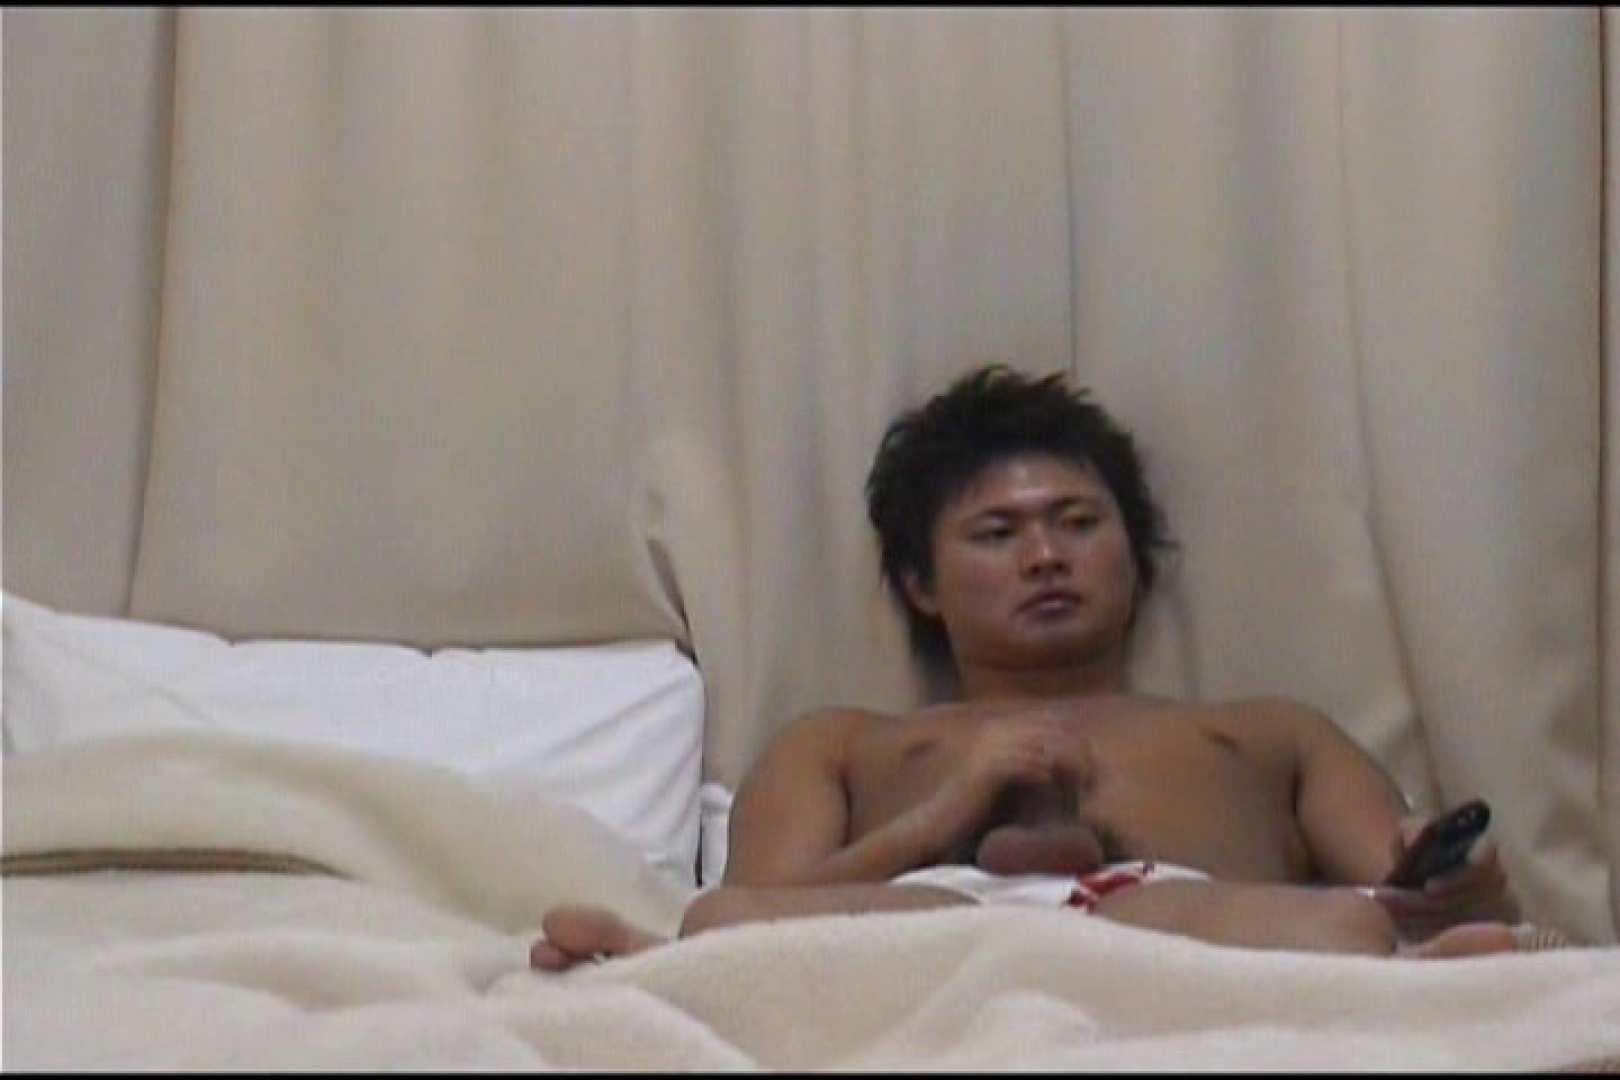 目線解禁!ノンケイケメン自慰行為編特集!VOL.01 裸男子 ゲイ無修正動画画像 107枚 88